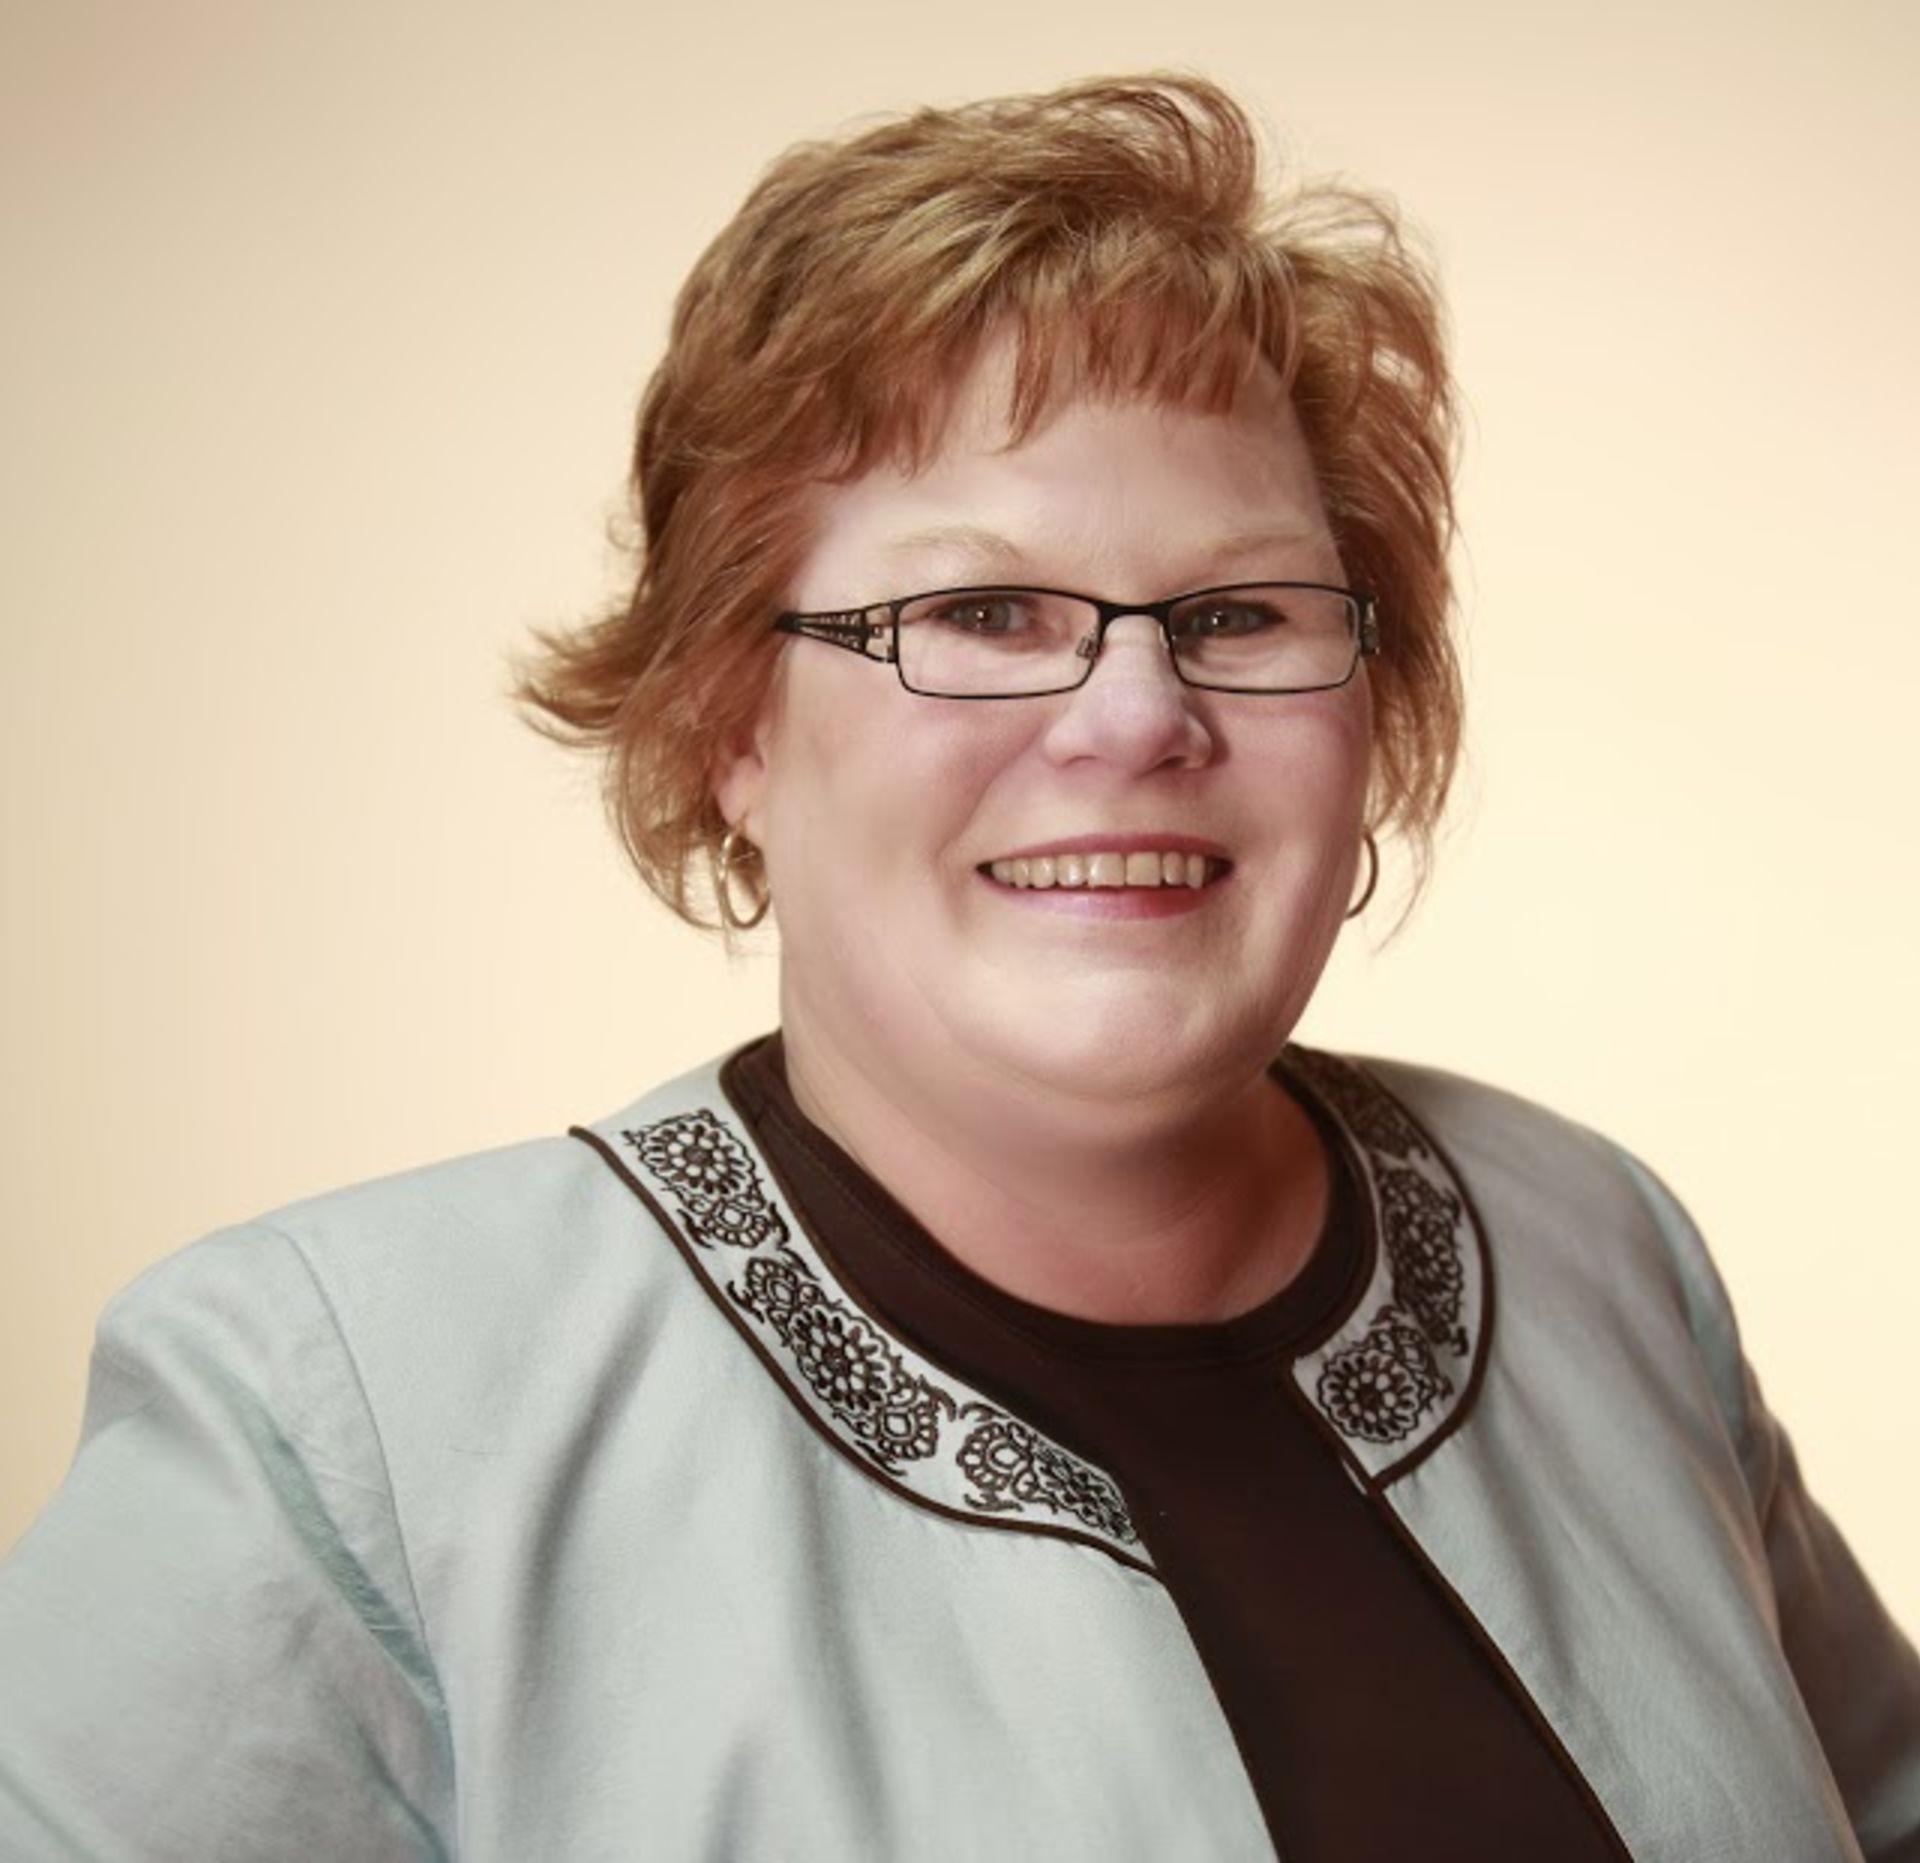 Kati Douglas